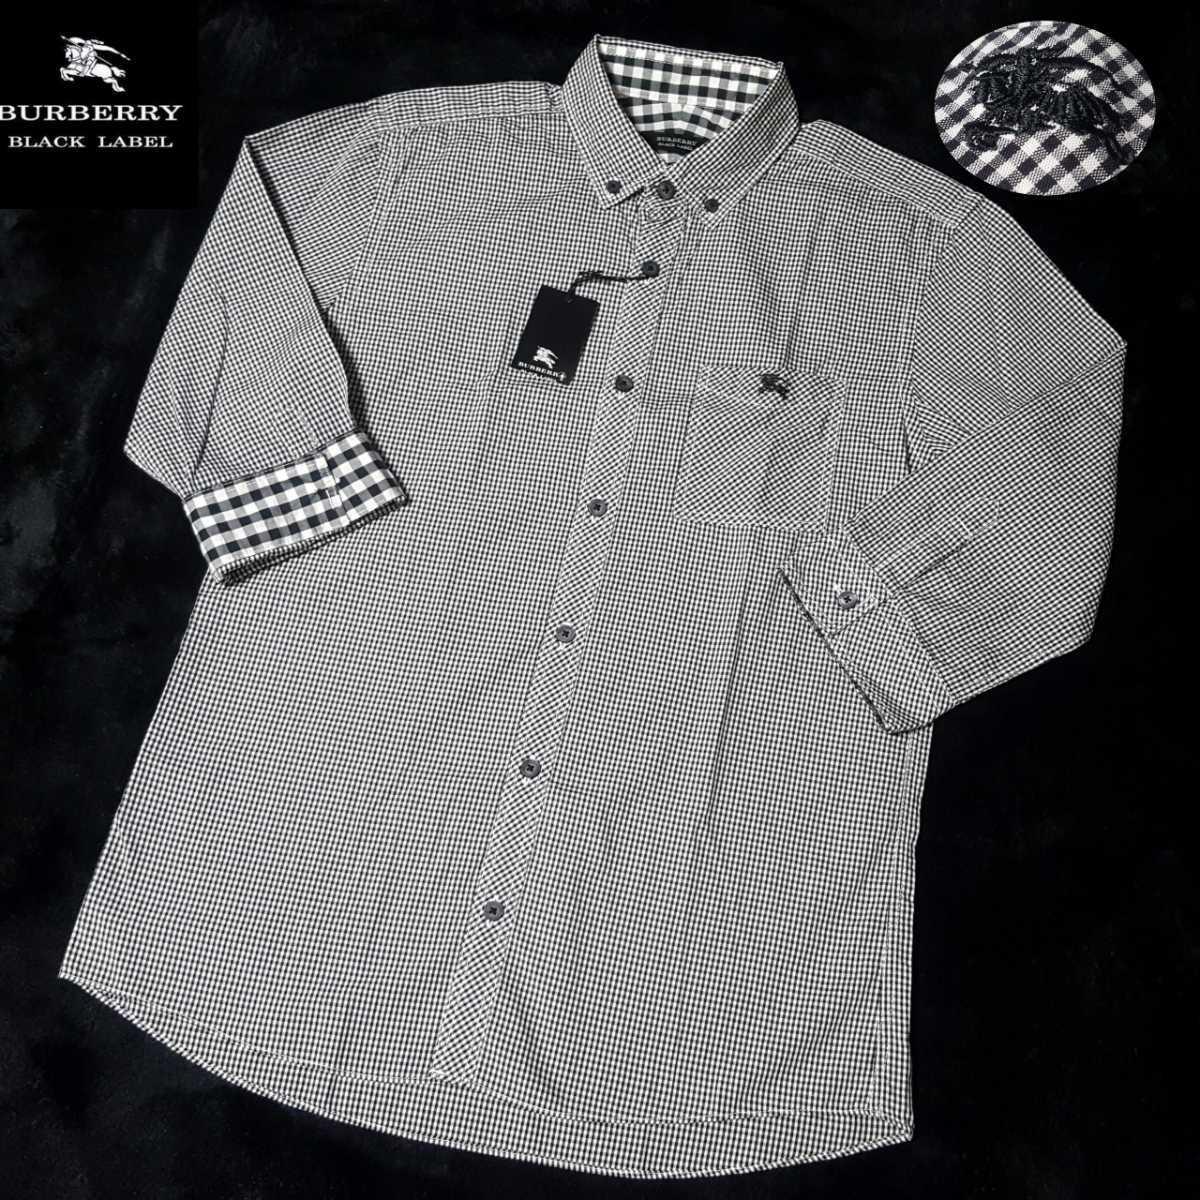 ◆新品◆未使用タグ付◆バーバリーブラックレーベル ホース刺繍 襟内・袖裏BIG格子 ギンガムチェック総柄 7分袖 BDシャツ サイズ2(M)